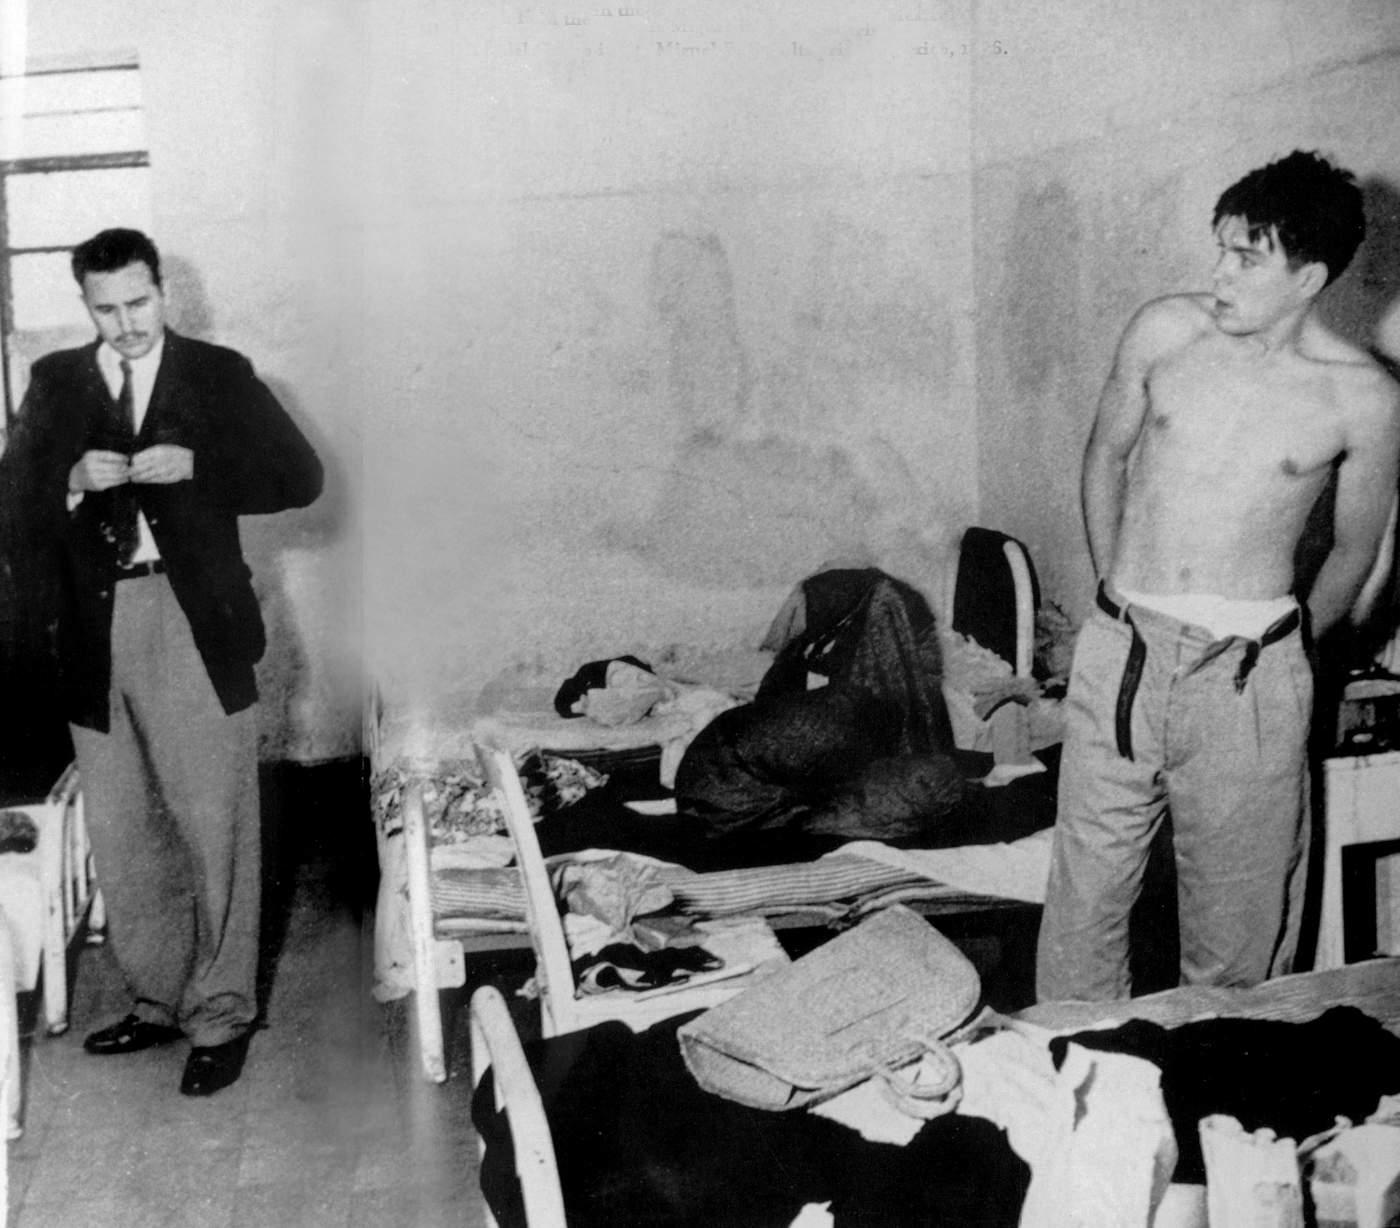 Fidel Castro y Ernesto Guevara son detenidos en verano de 1956 por preparar su expedición a Cuba. Esta foto es probablemente la primera que muestra a Castro y el Che juntos y es tomada en junio o julio de 1956 en la cárcel Miguel Schultz de la Ciudad de México. (Apic\/Getty Images)